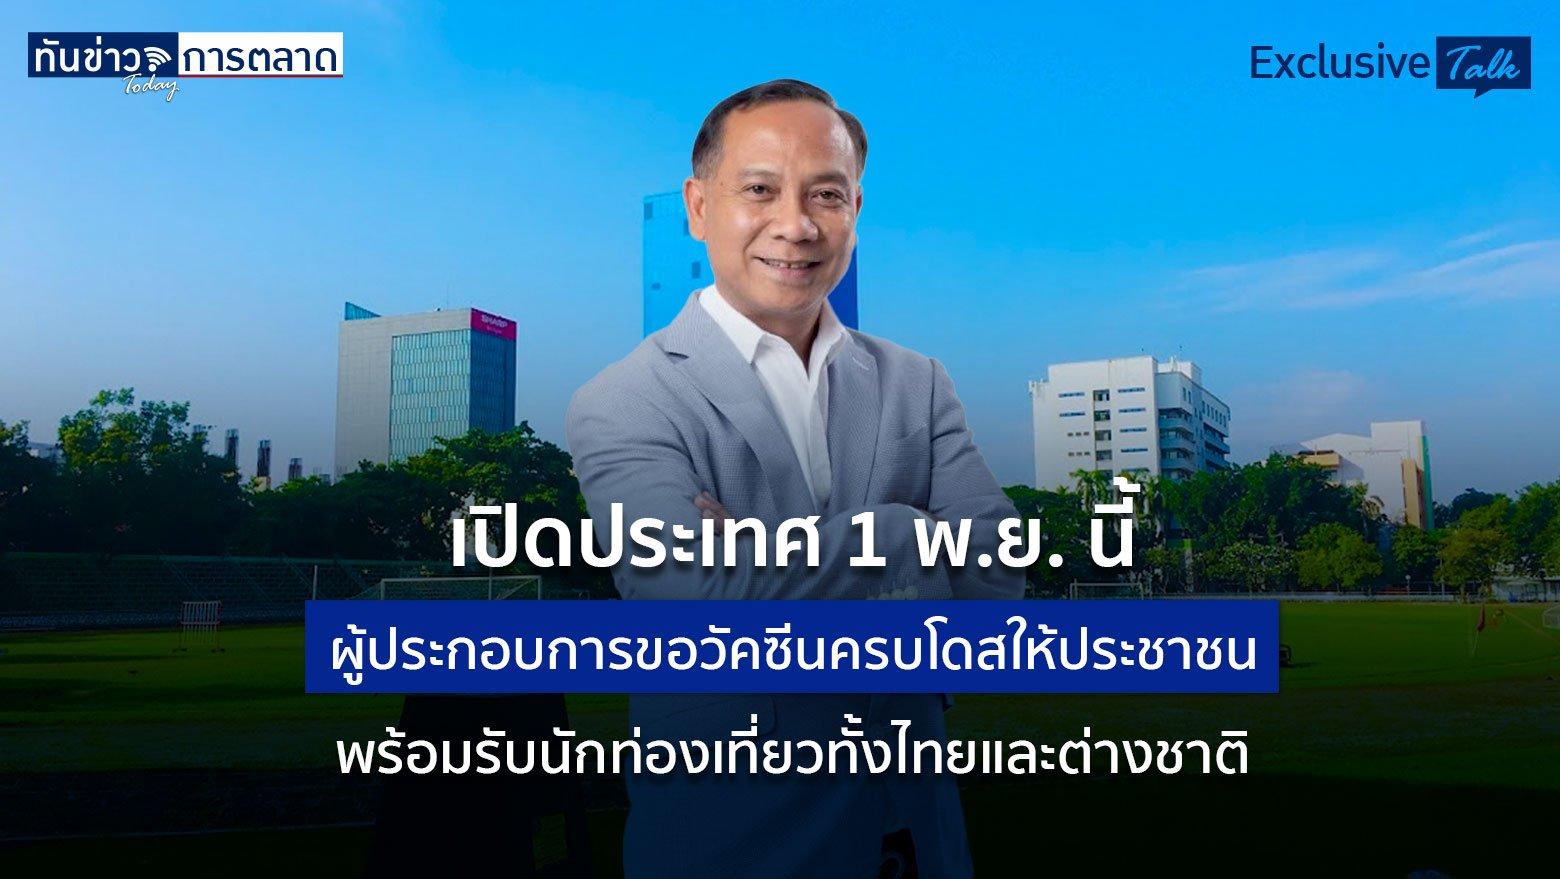 เปิดประเทศ 1 พ.ย.นี้ ผู้ประกอบการขอวัคซีนครบโดสให้ประชาชน พร้อมรับนักท่องเที่ยวทั้งไทยและต่างชาติ